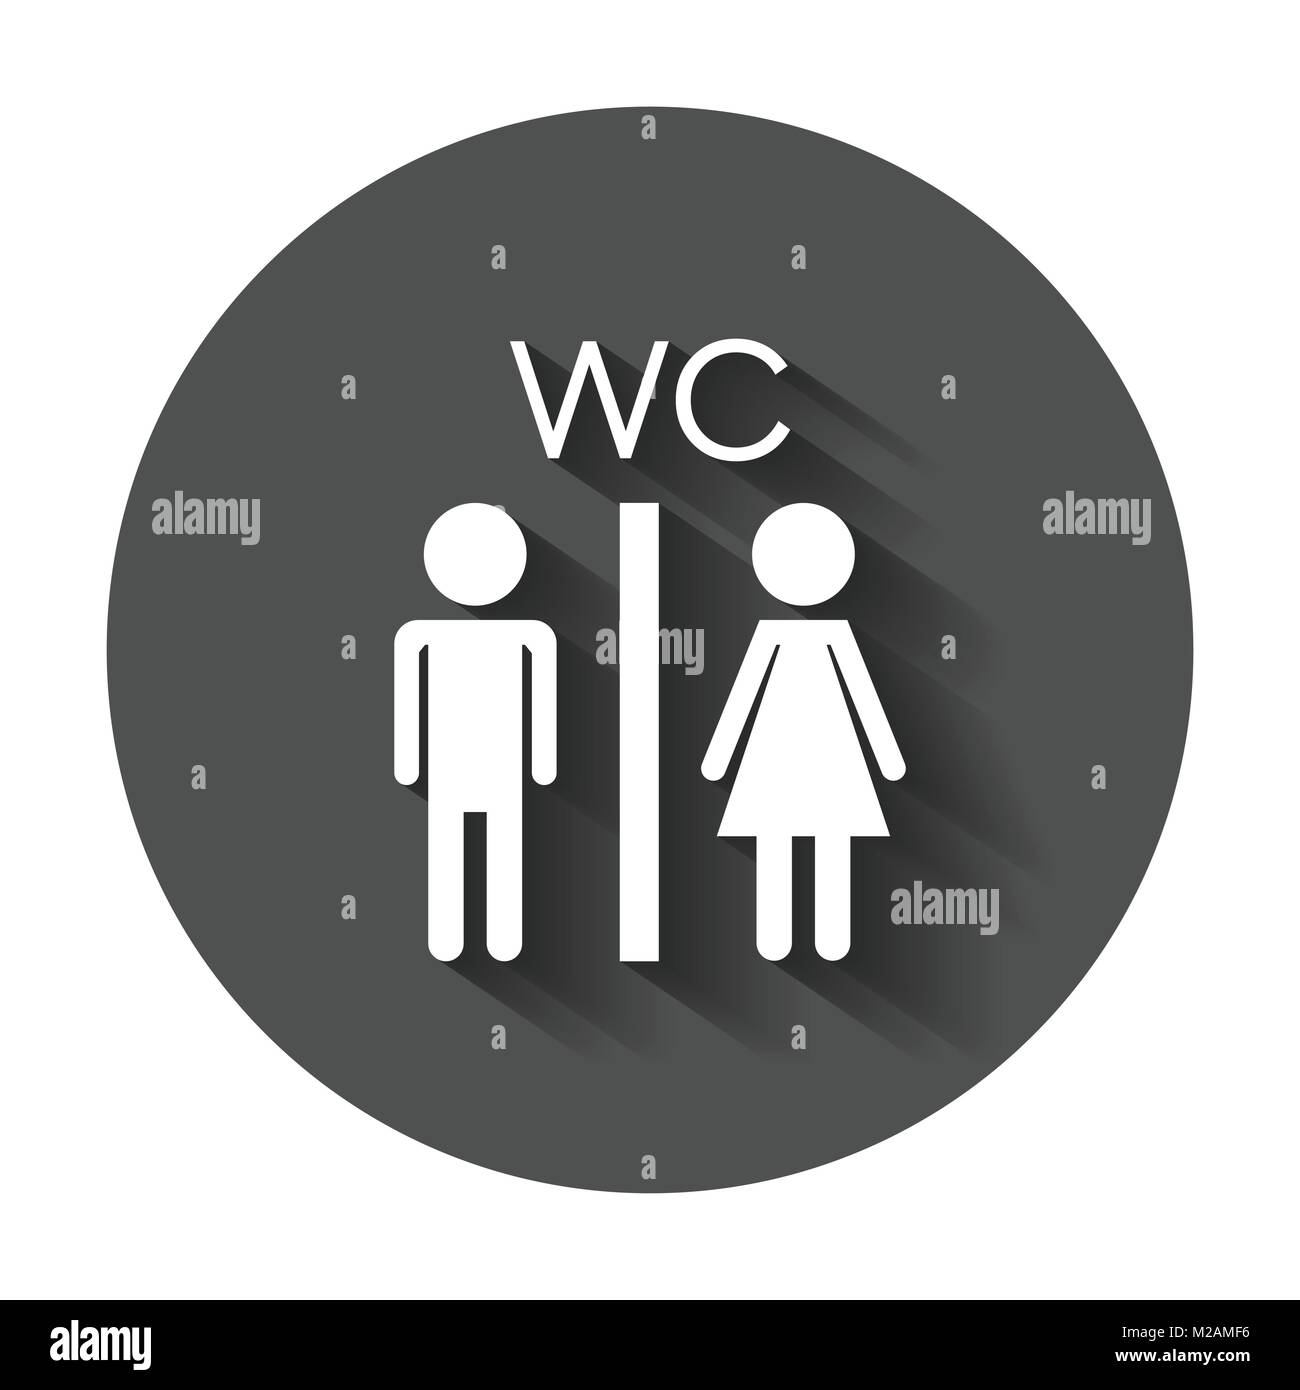 https://c8.alamy.com/compit/m2amf6/vettore-wc-bagno-icona-l-uomo-moderno-e-la-donna-pittogramma-piana-semplice-piatto-simbolo-con-lunga-ombra-m2amf6.jpg